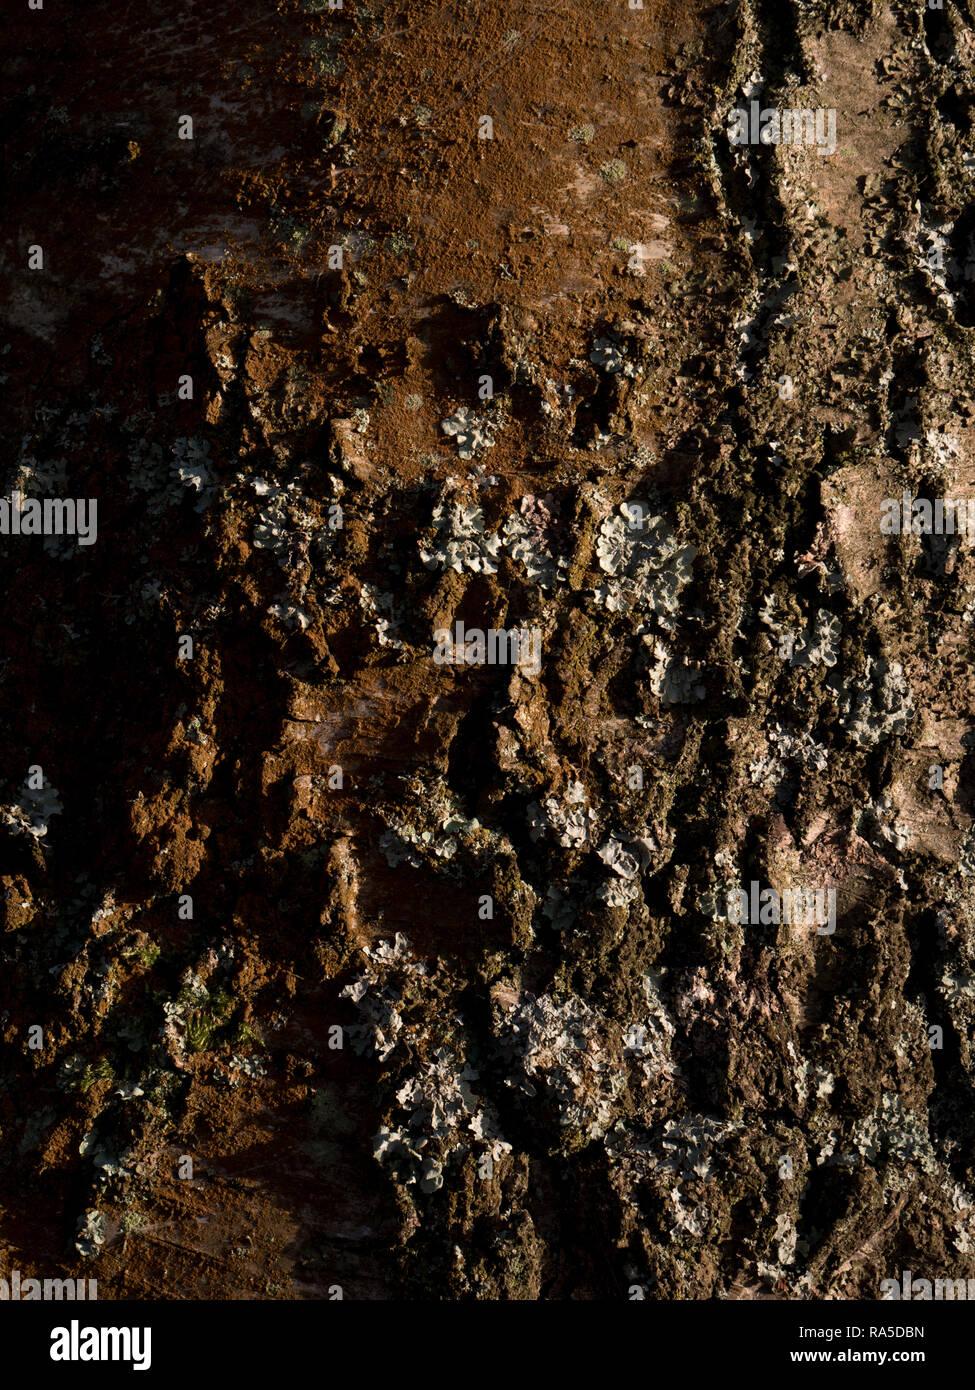 Texture - tree bark Stock Photo